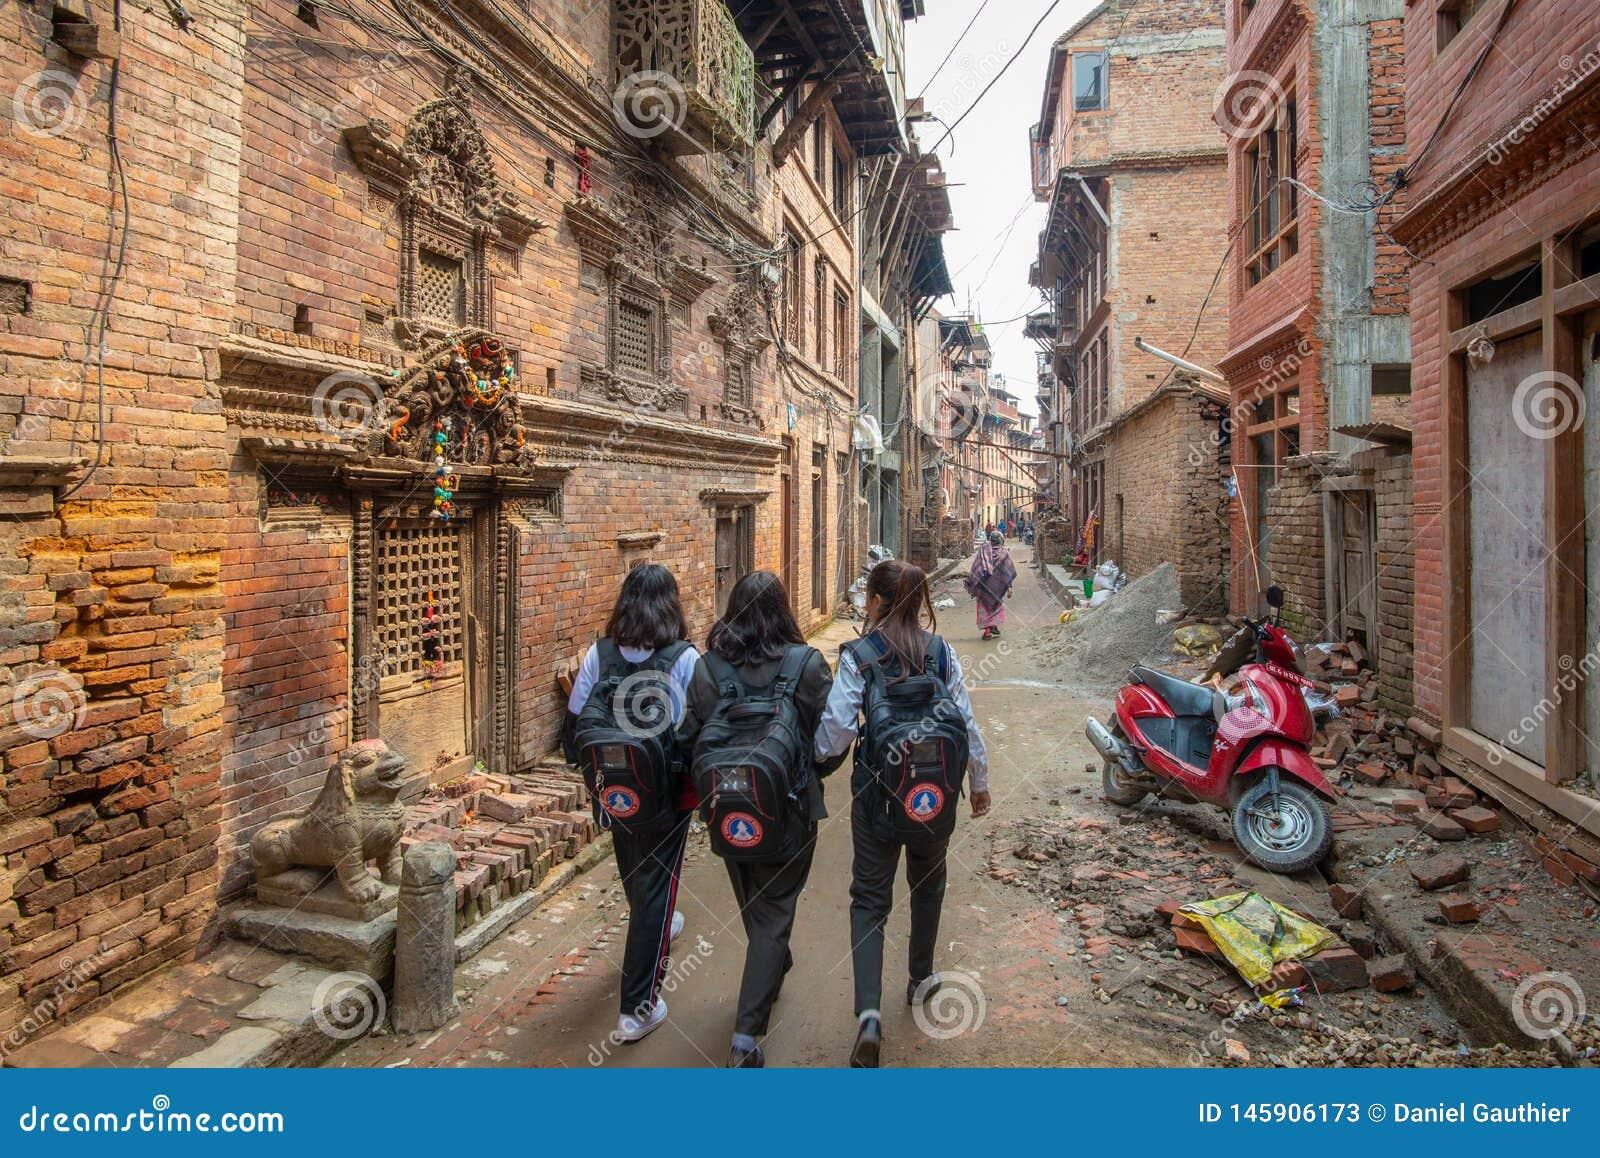 步行沿着向下一条狭窄的街道的三所学校女孩